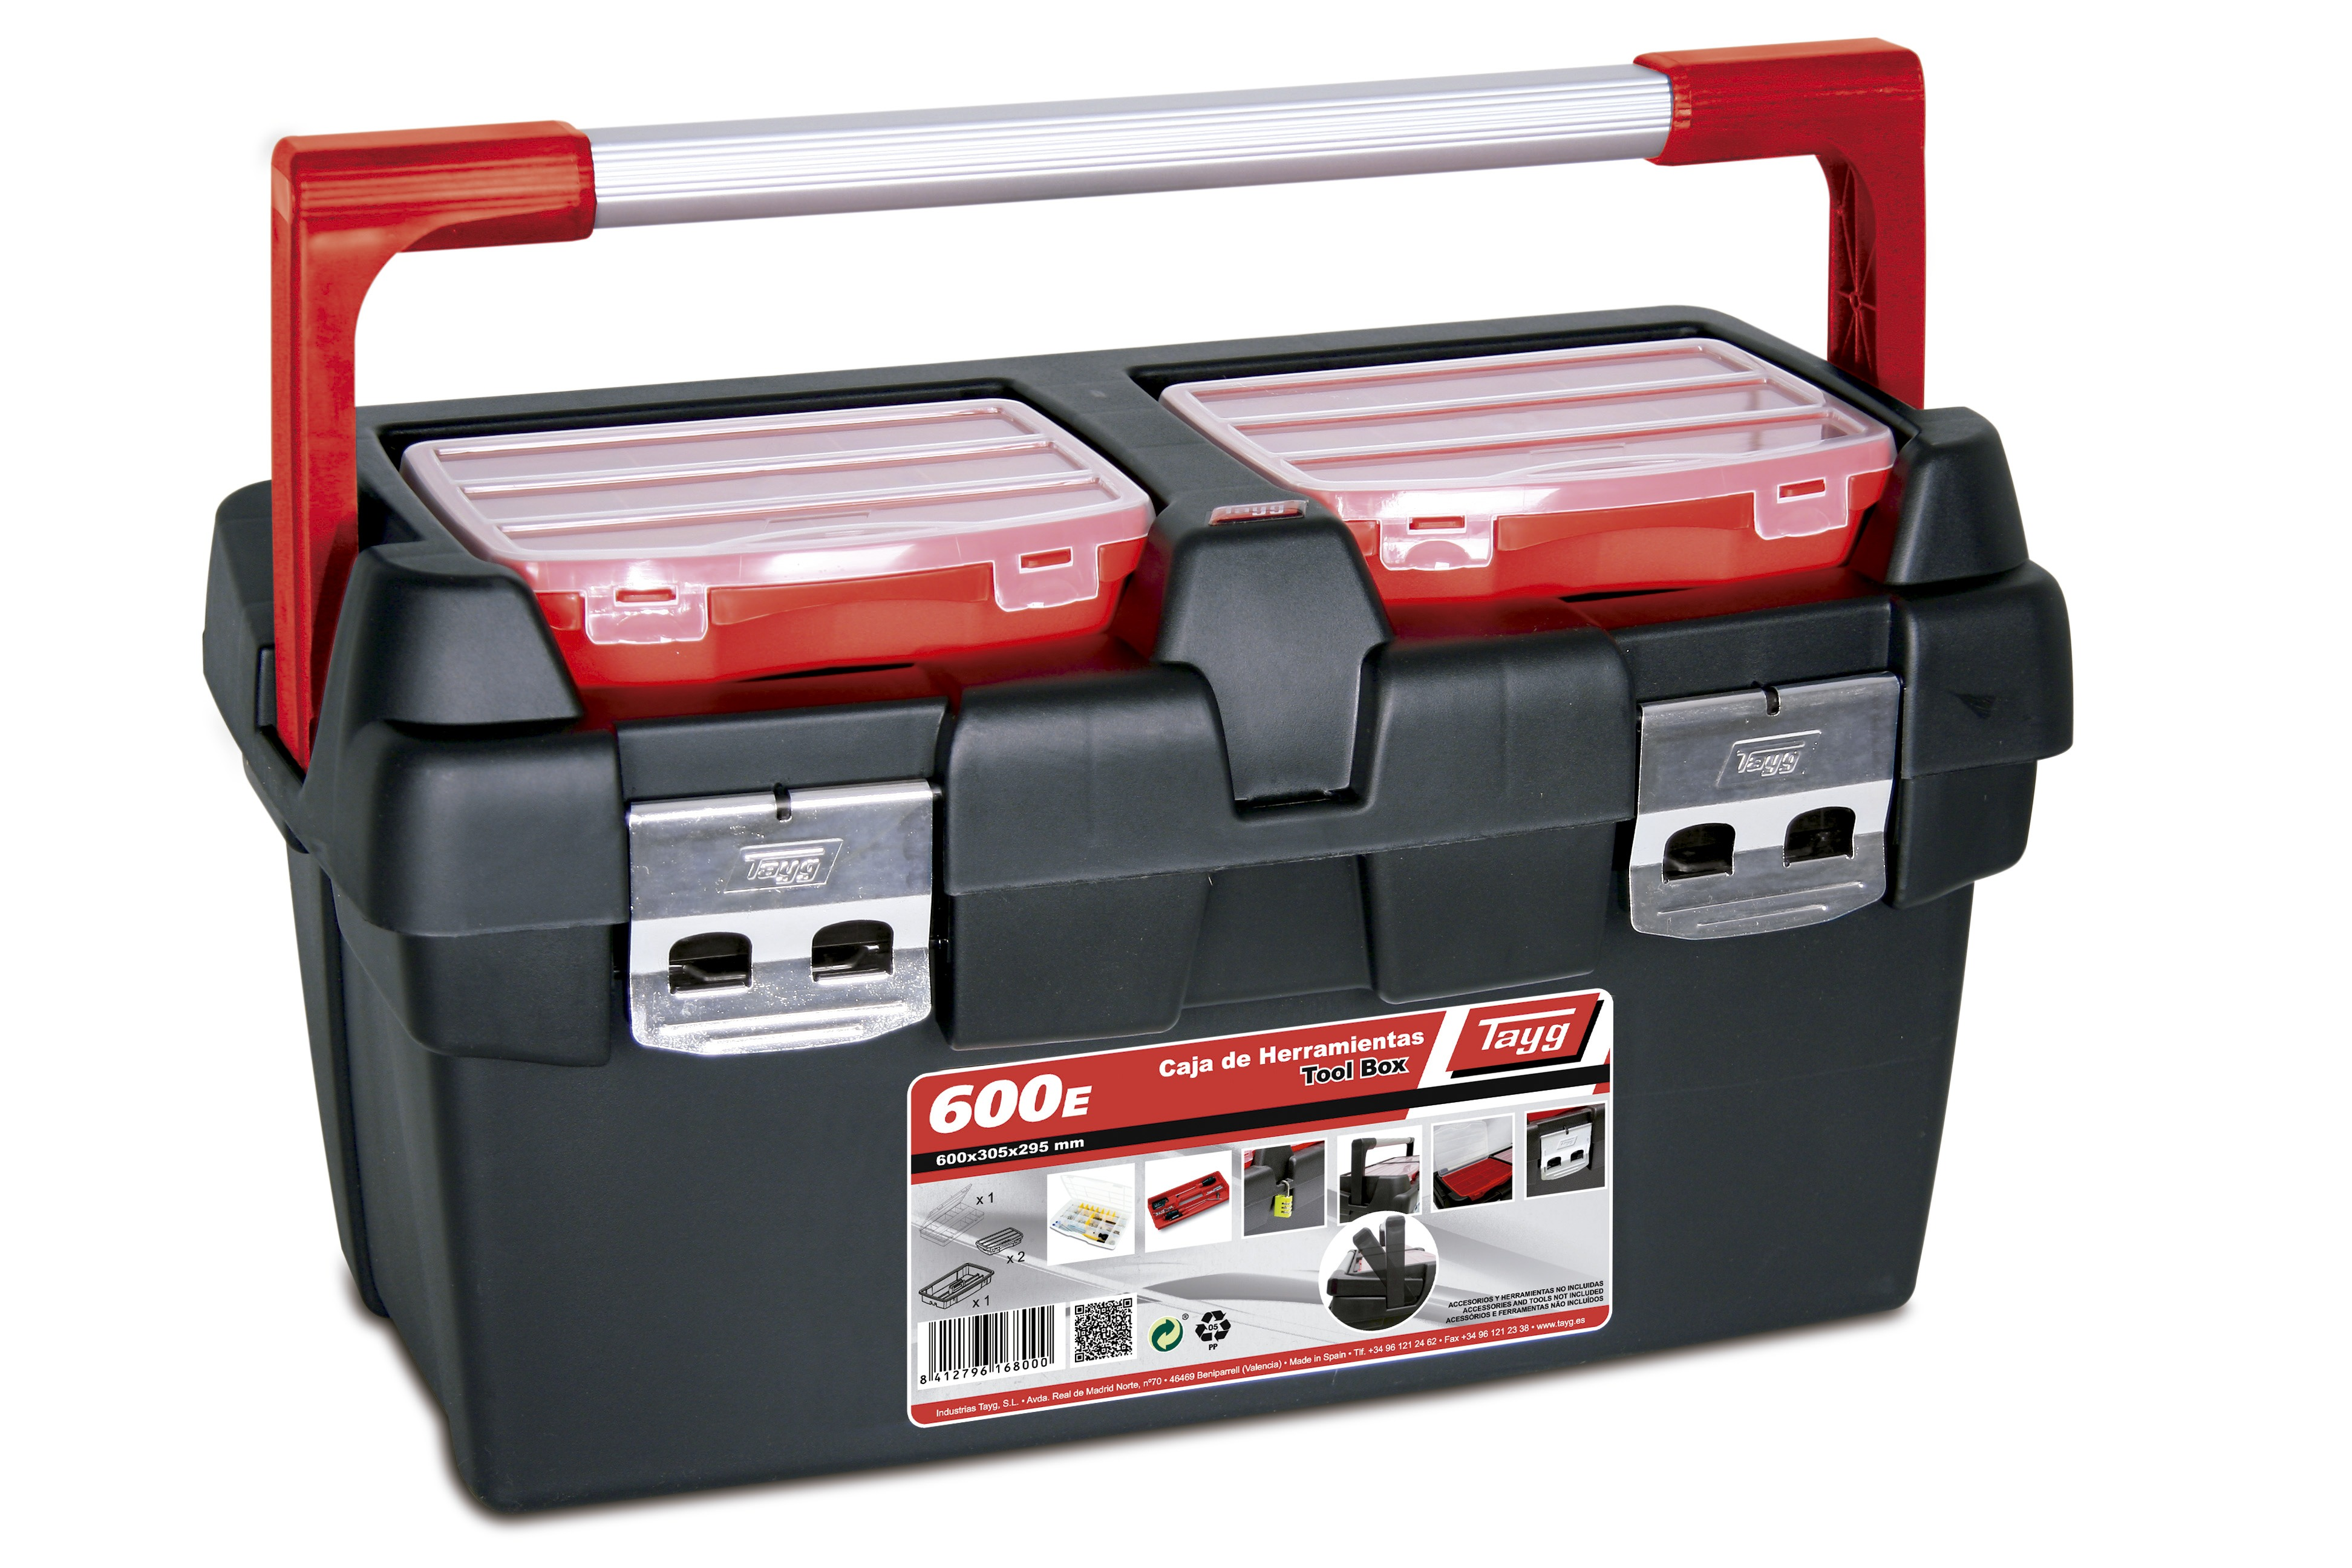 3 caja de herramientas de plastico y aluminio - Gama Profesional